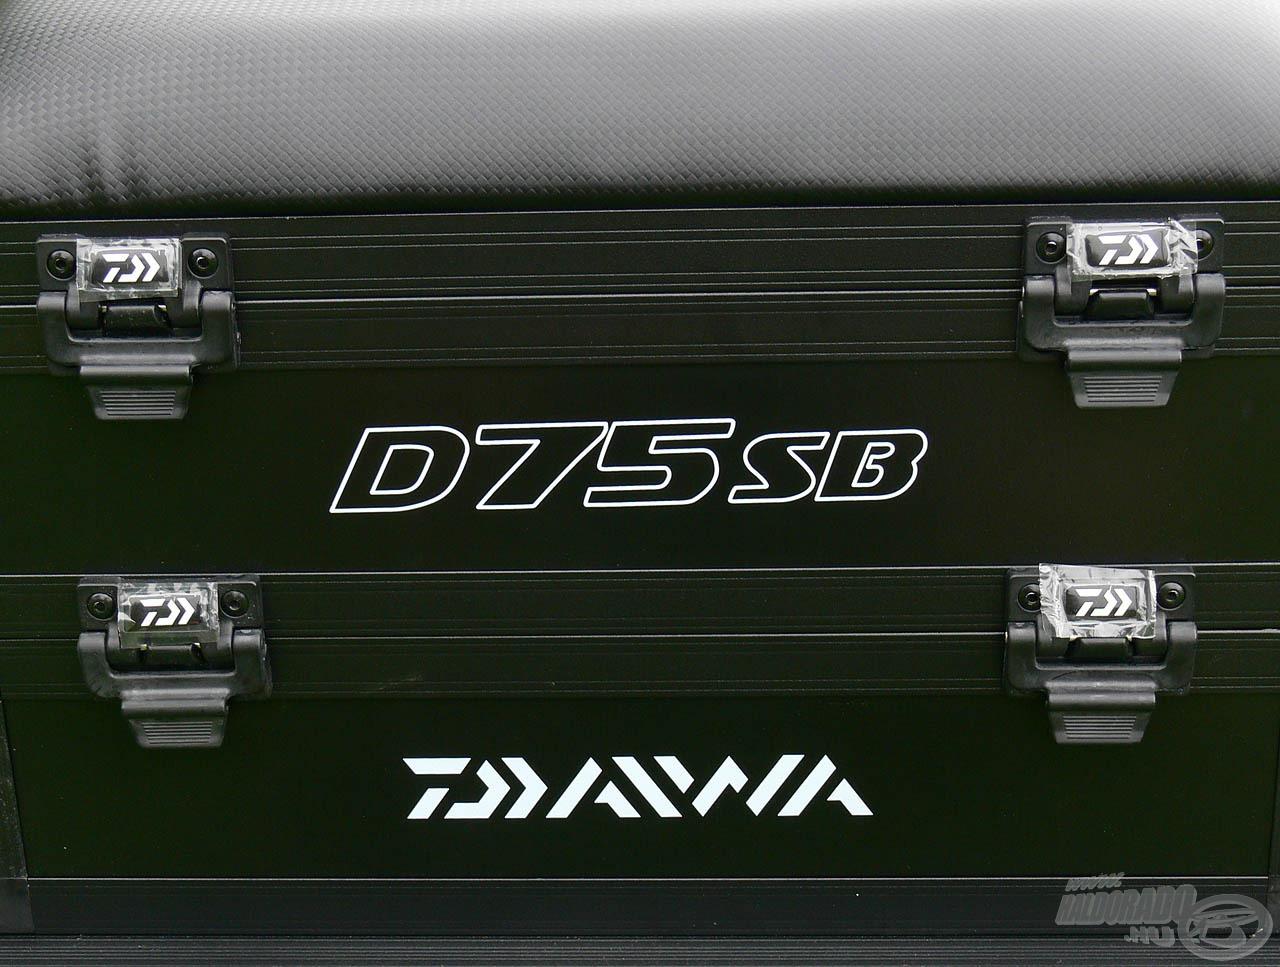 A Seat Box 75 típus kiváló választás lehet bárki számára, aki garantáltan jó minőségi, komoly versenyládára vágyik